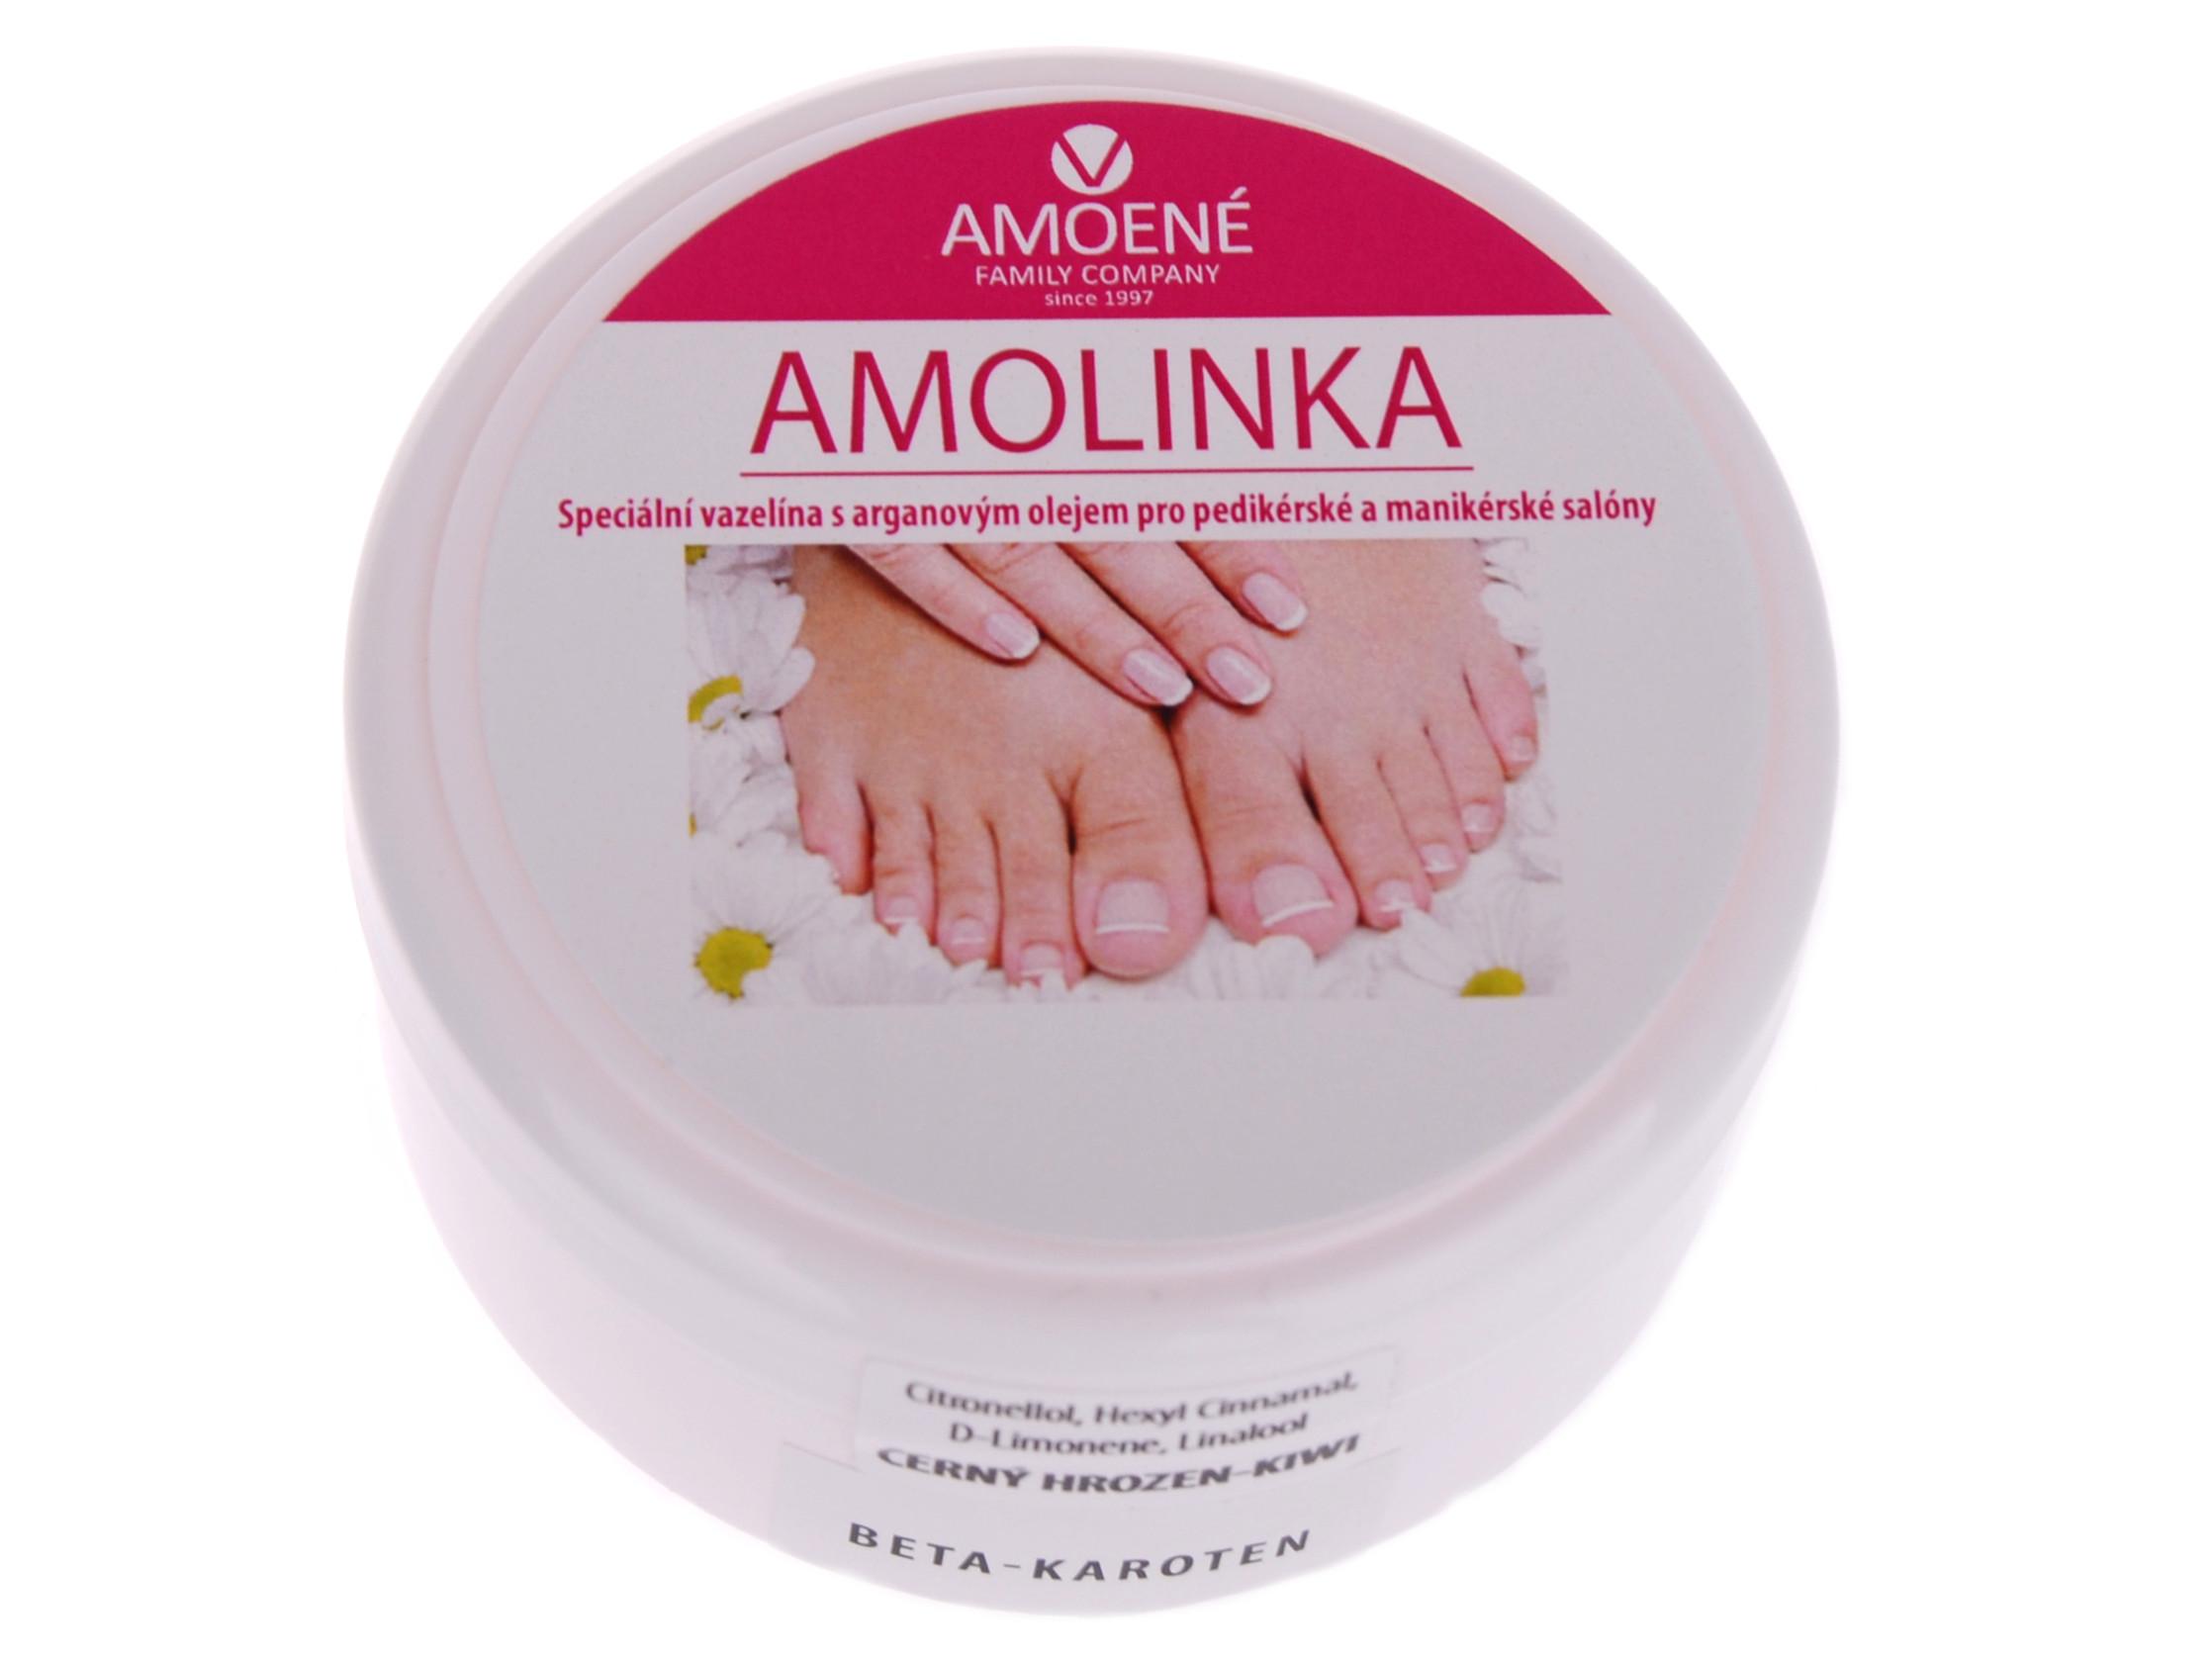 Kosmetická vazelína Amolinka černý hrozen s kiwi a beta karotenem, Amoené 100 ml (012A0GW10B- cernyhrozen,kiwi)